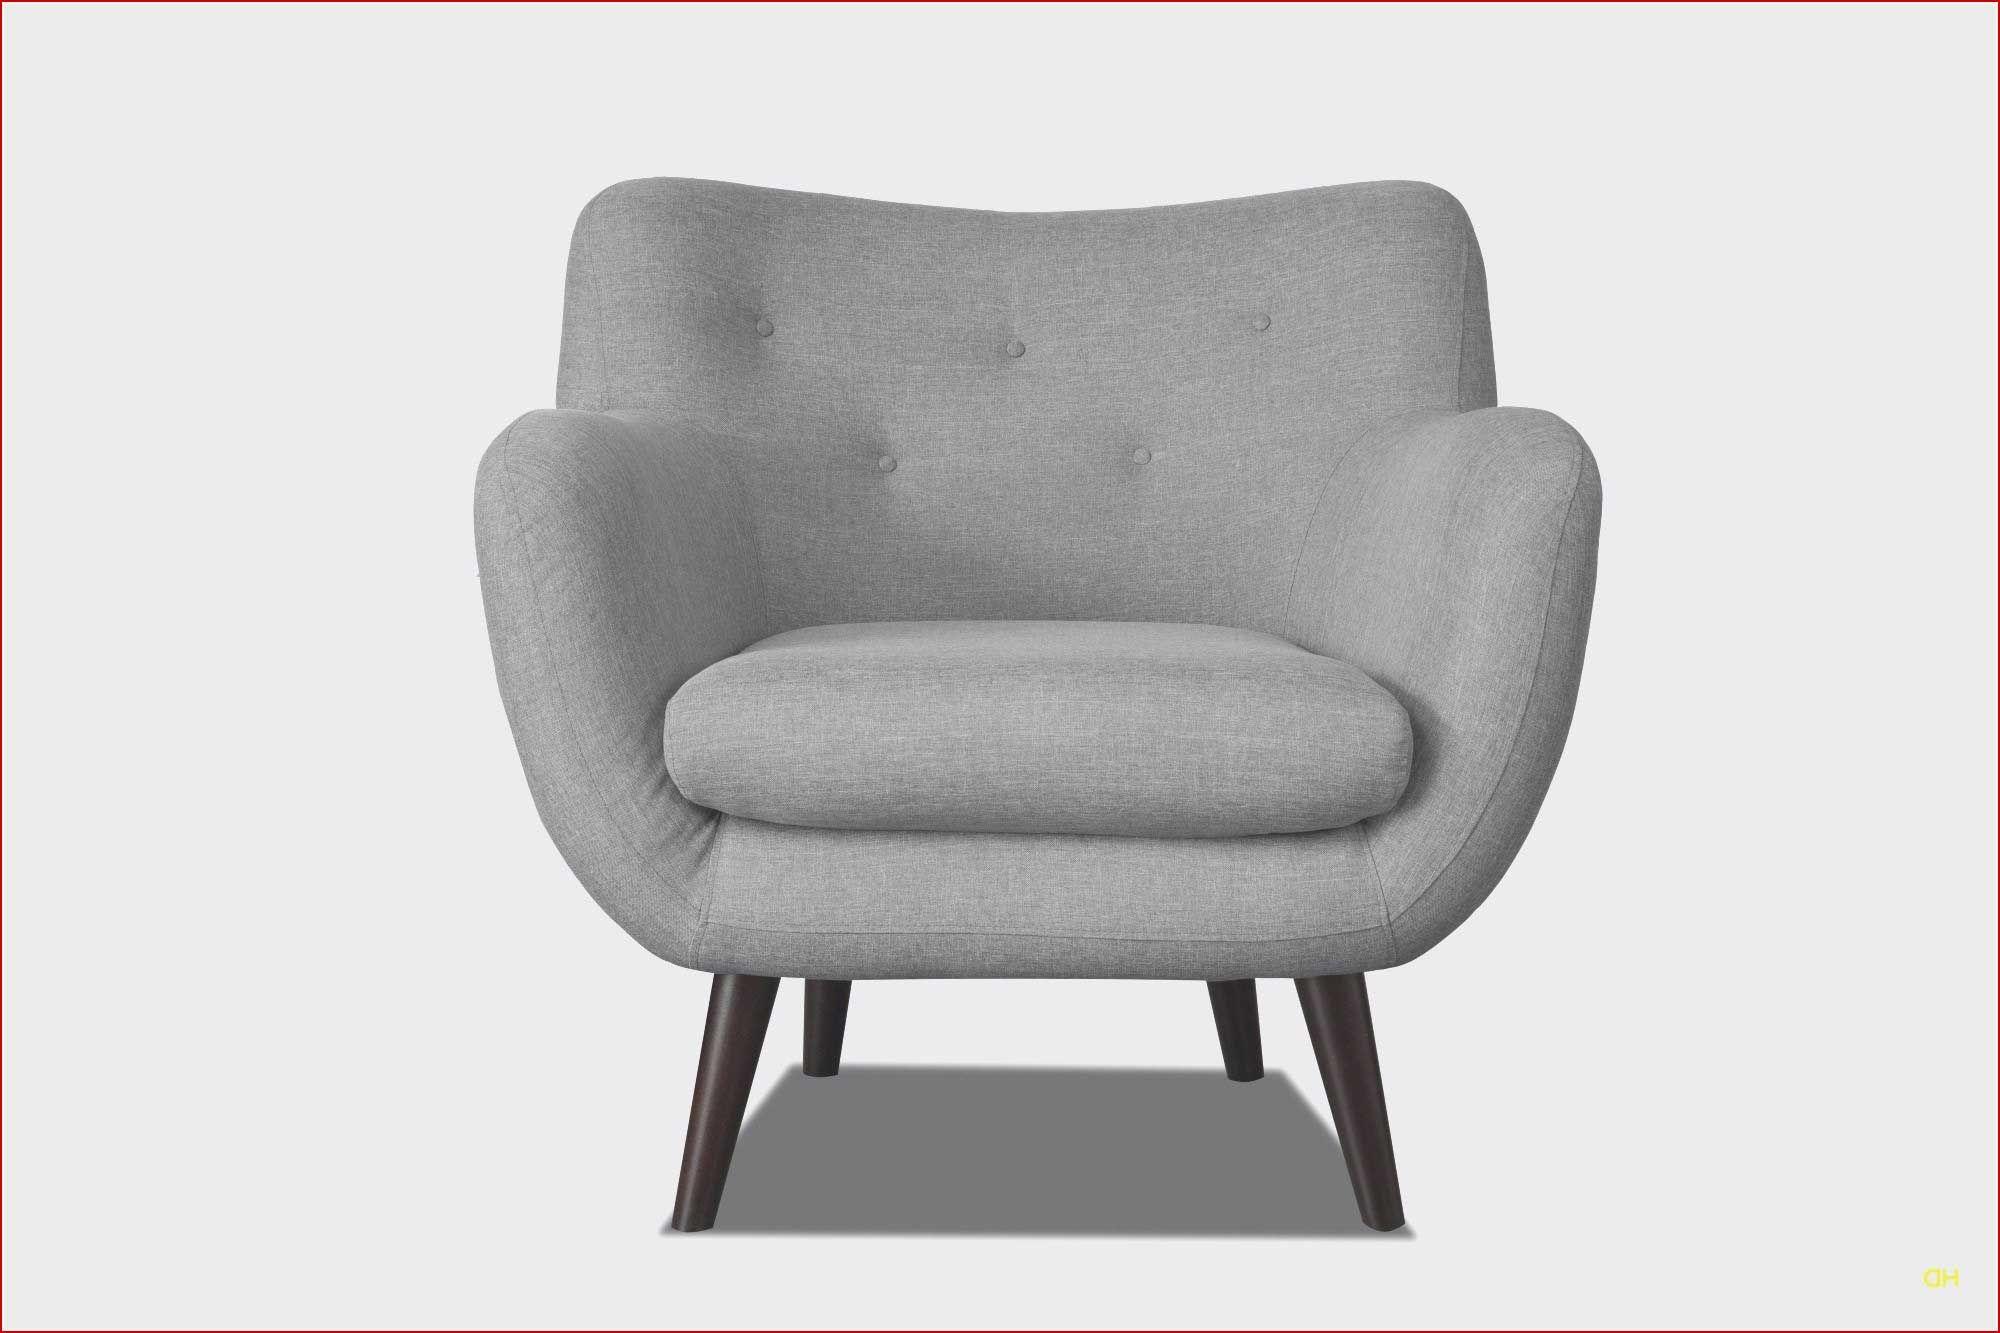 Chaises Conforama Fauteuil Relax Meilleur De Conforama Soldes Fauteuils Of Chaises Conforama En 2020 Fauteuil Chambre Fauteuil Design Fauteuil Moderne